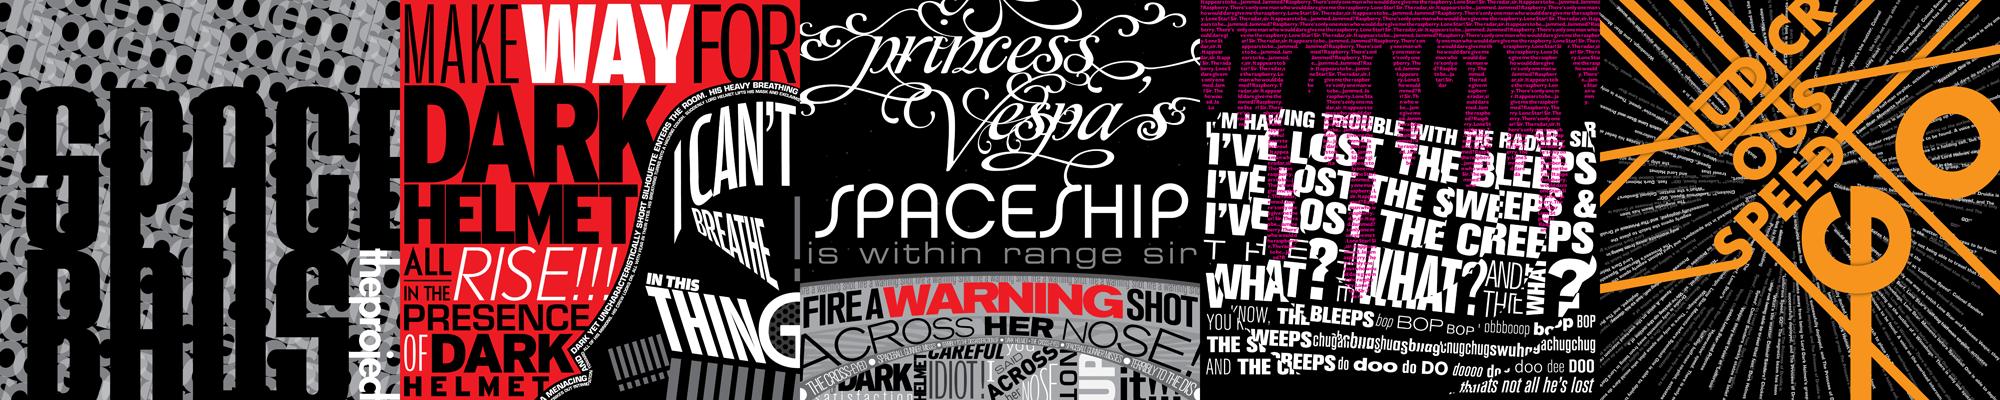 Spaceballs the Typography